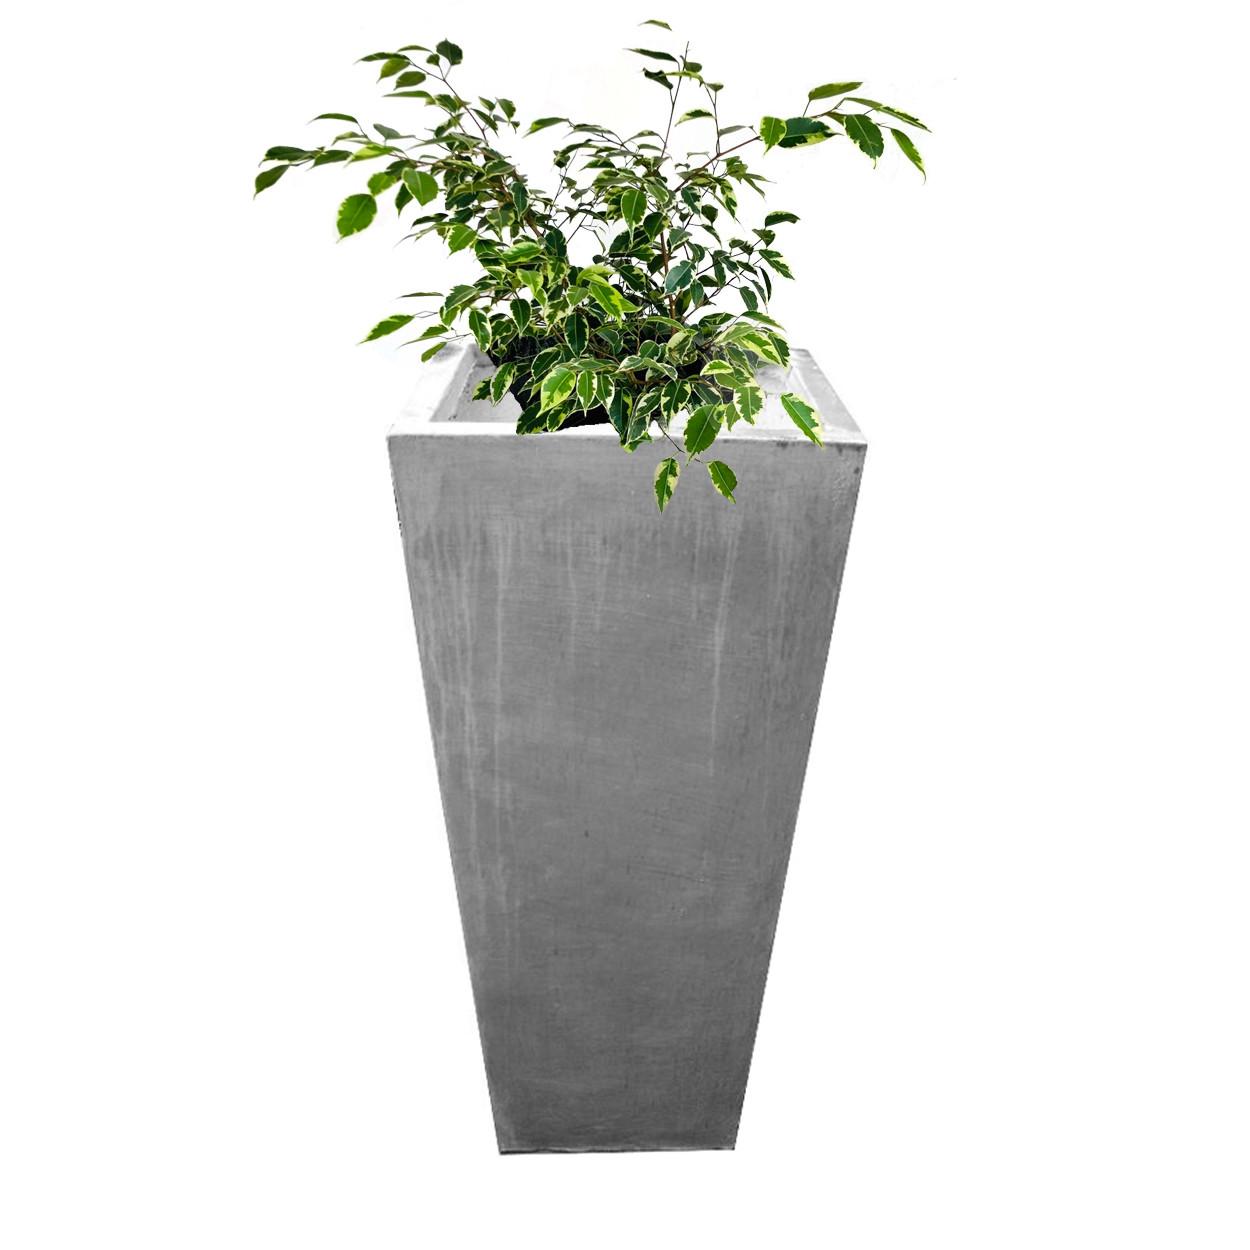 Square Slim Pot Large Whitewash Finish - H901mm - 55kg